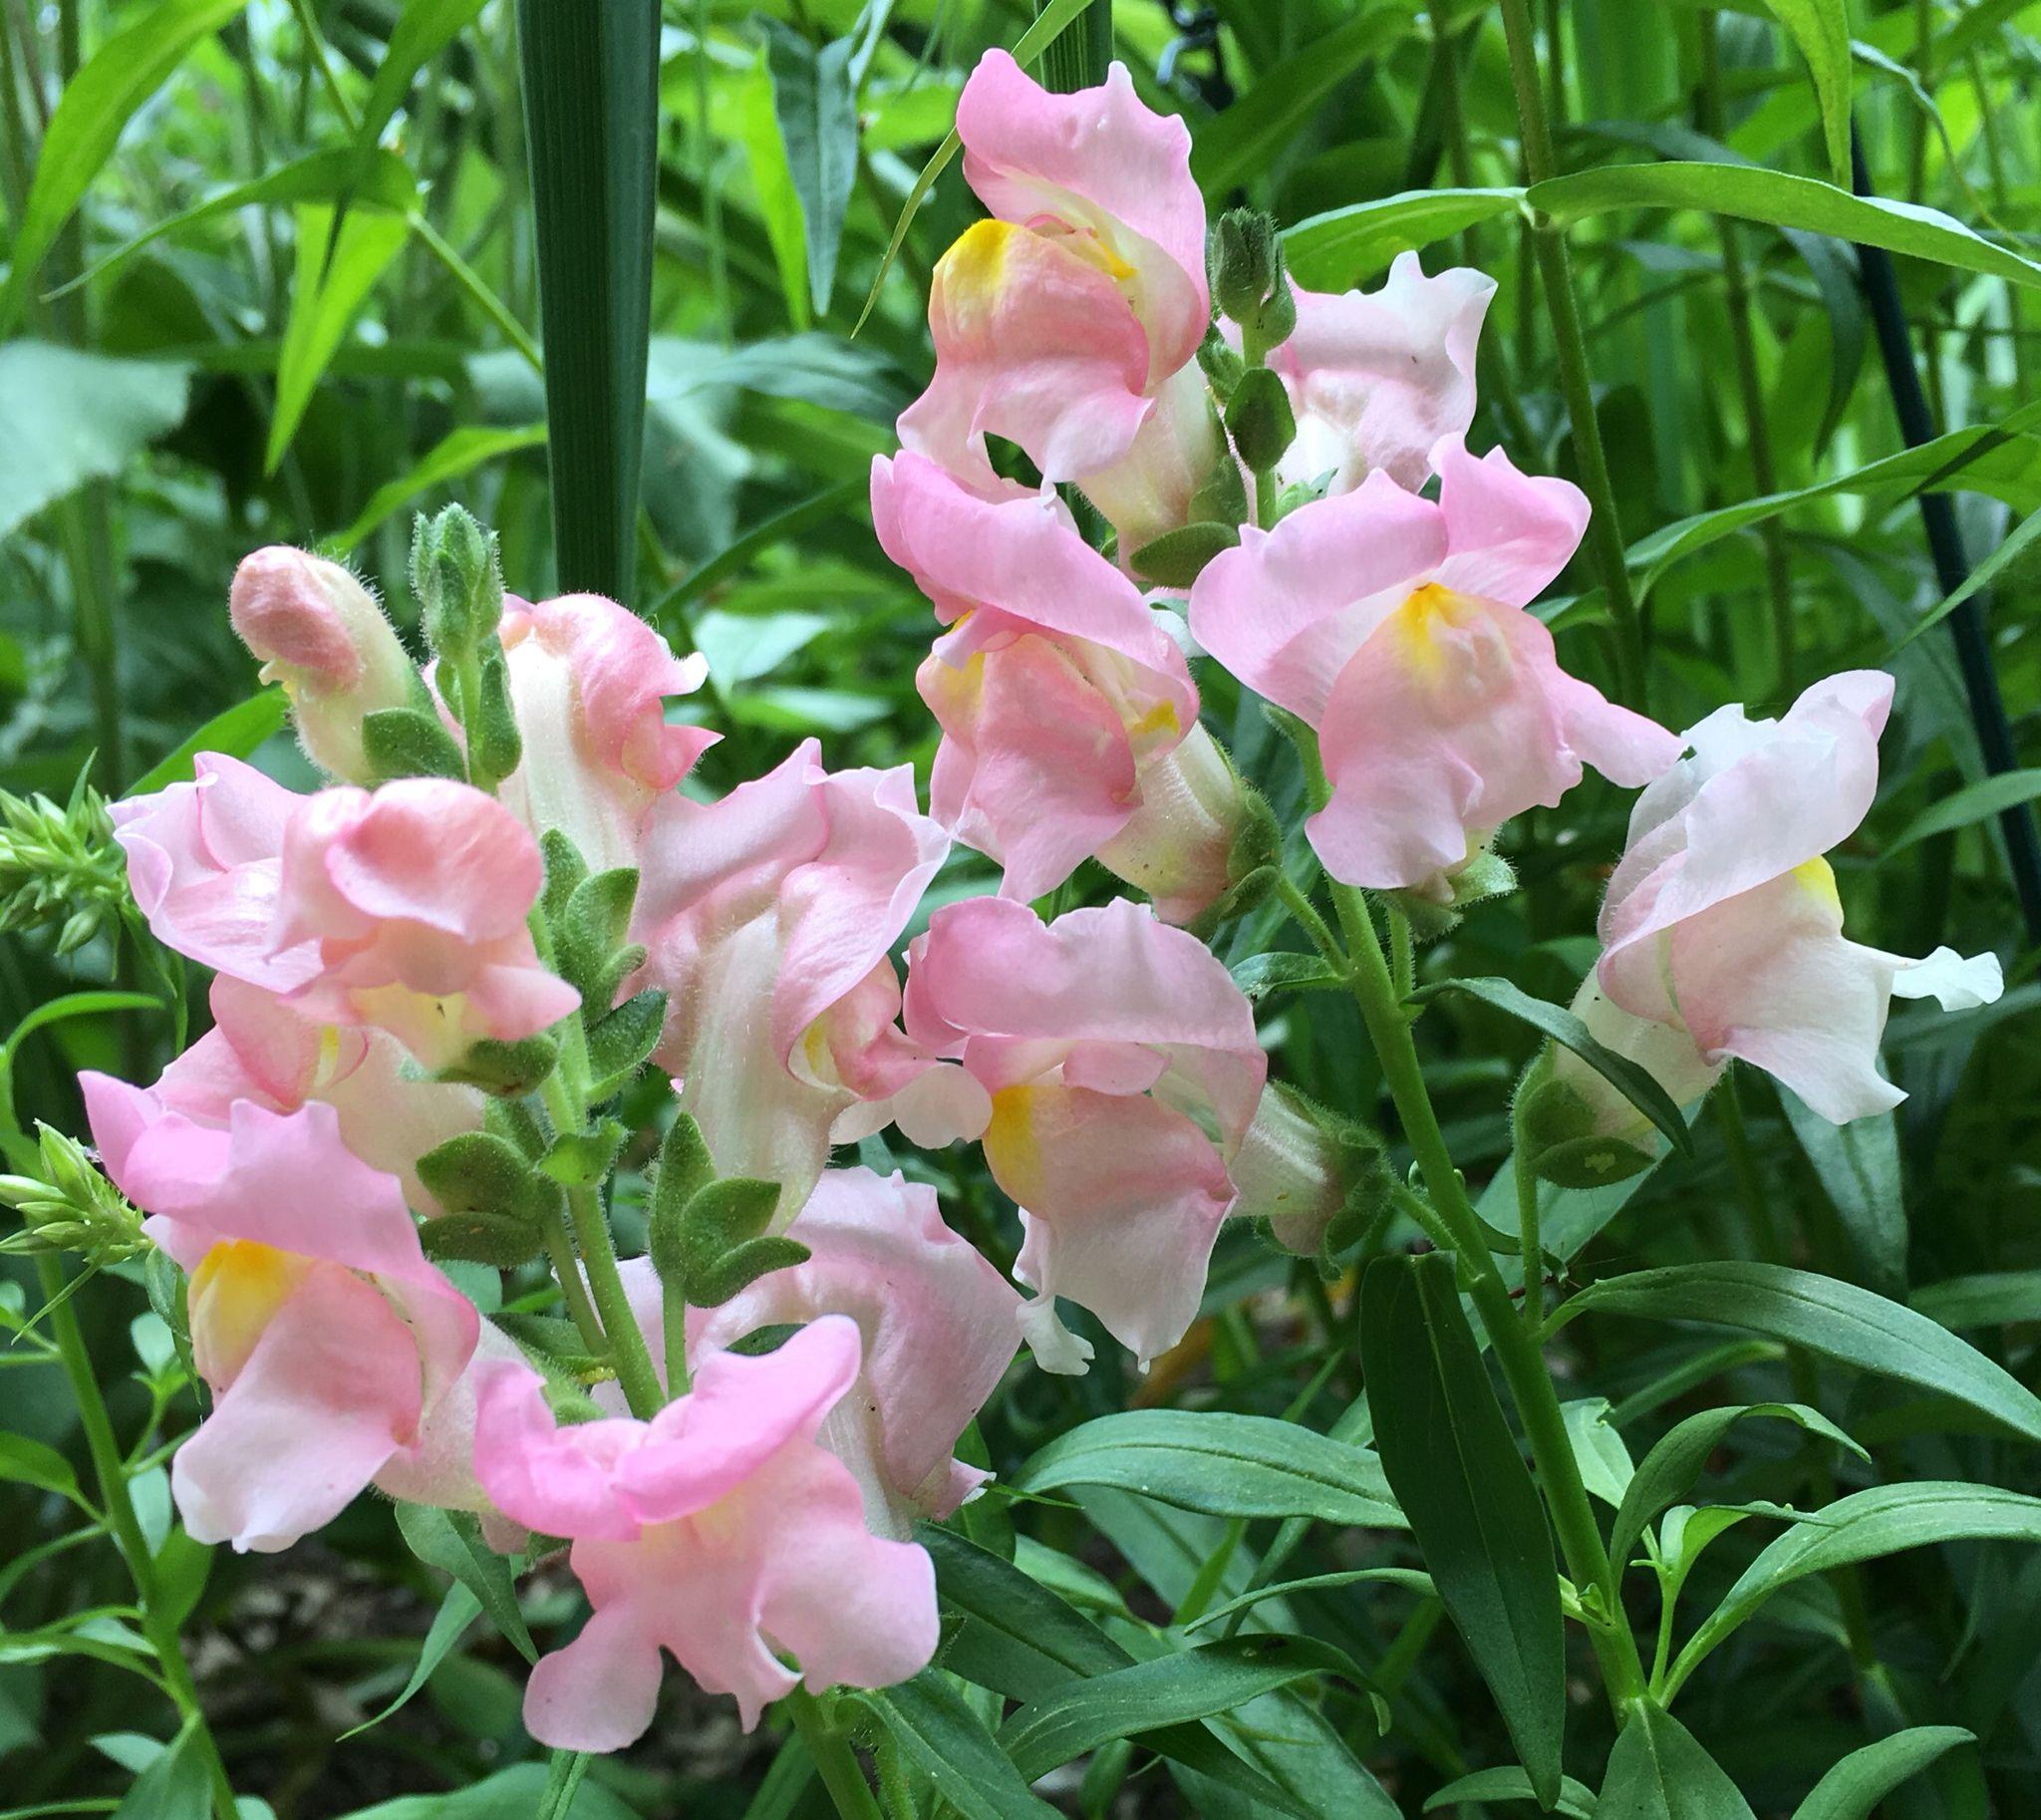 Sonnet Pink Snapdragon Snapdragons Pinterest Flowers